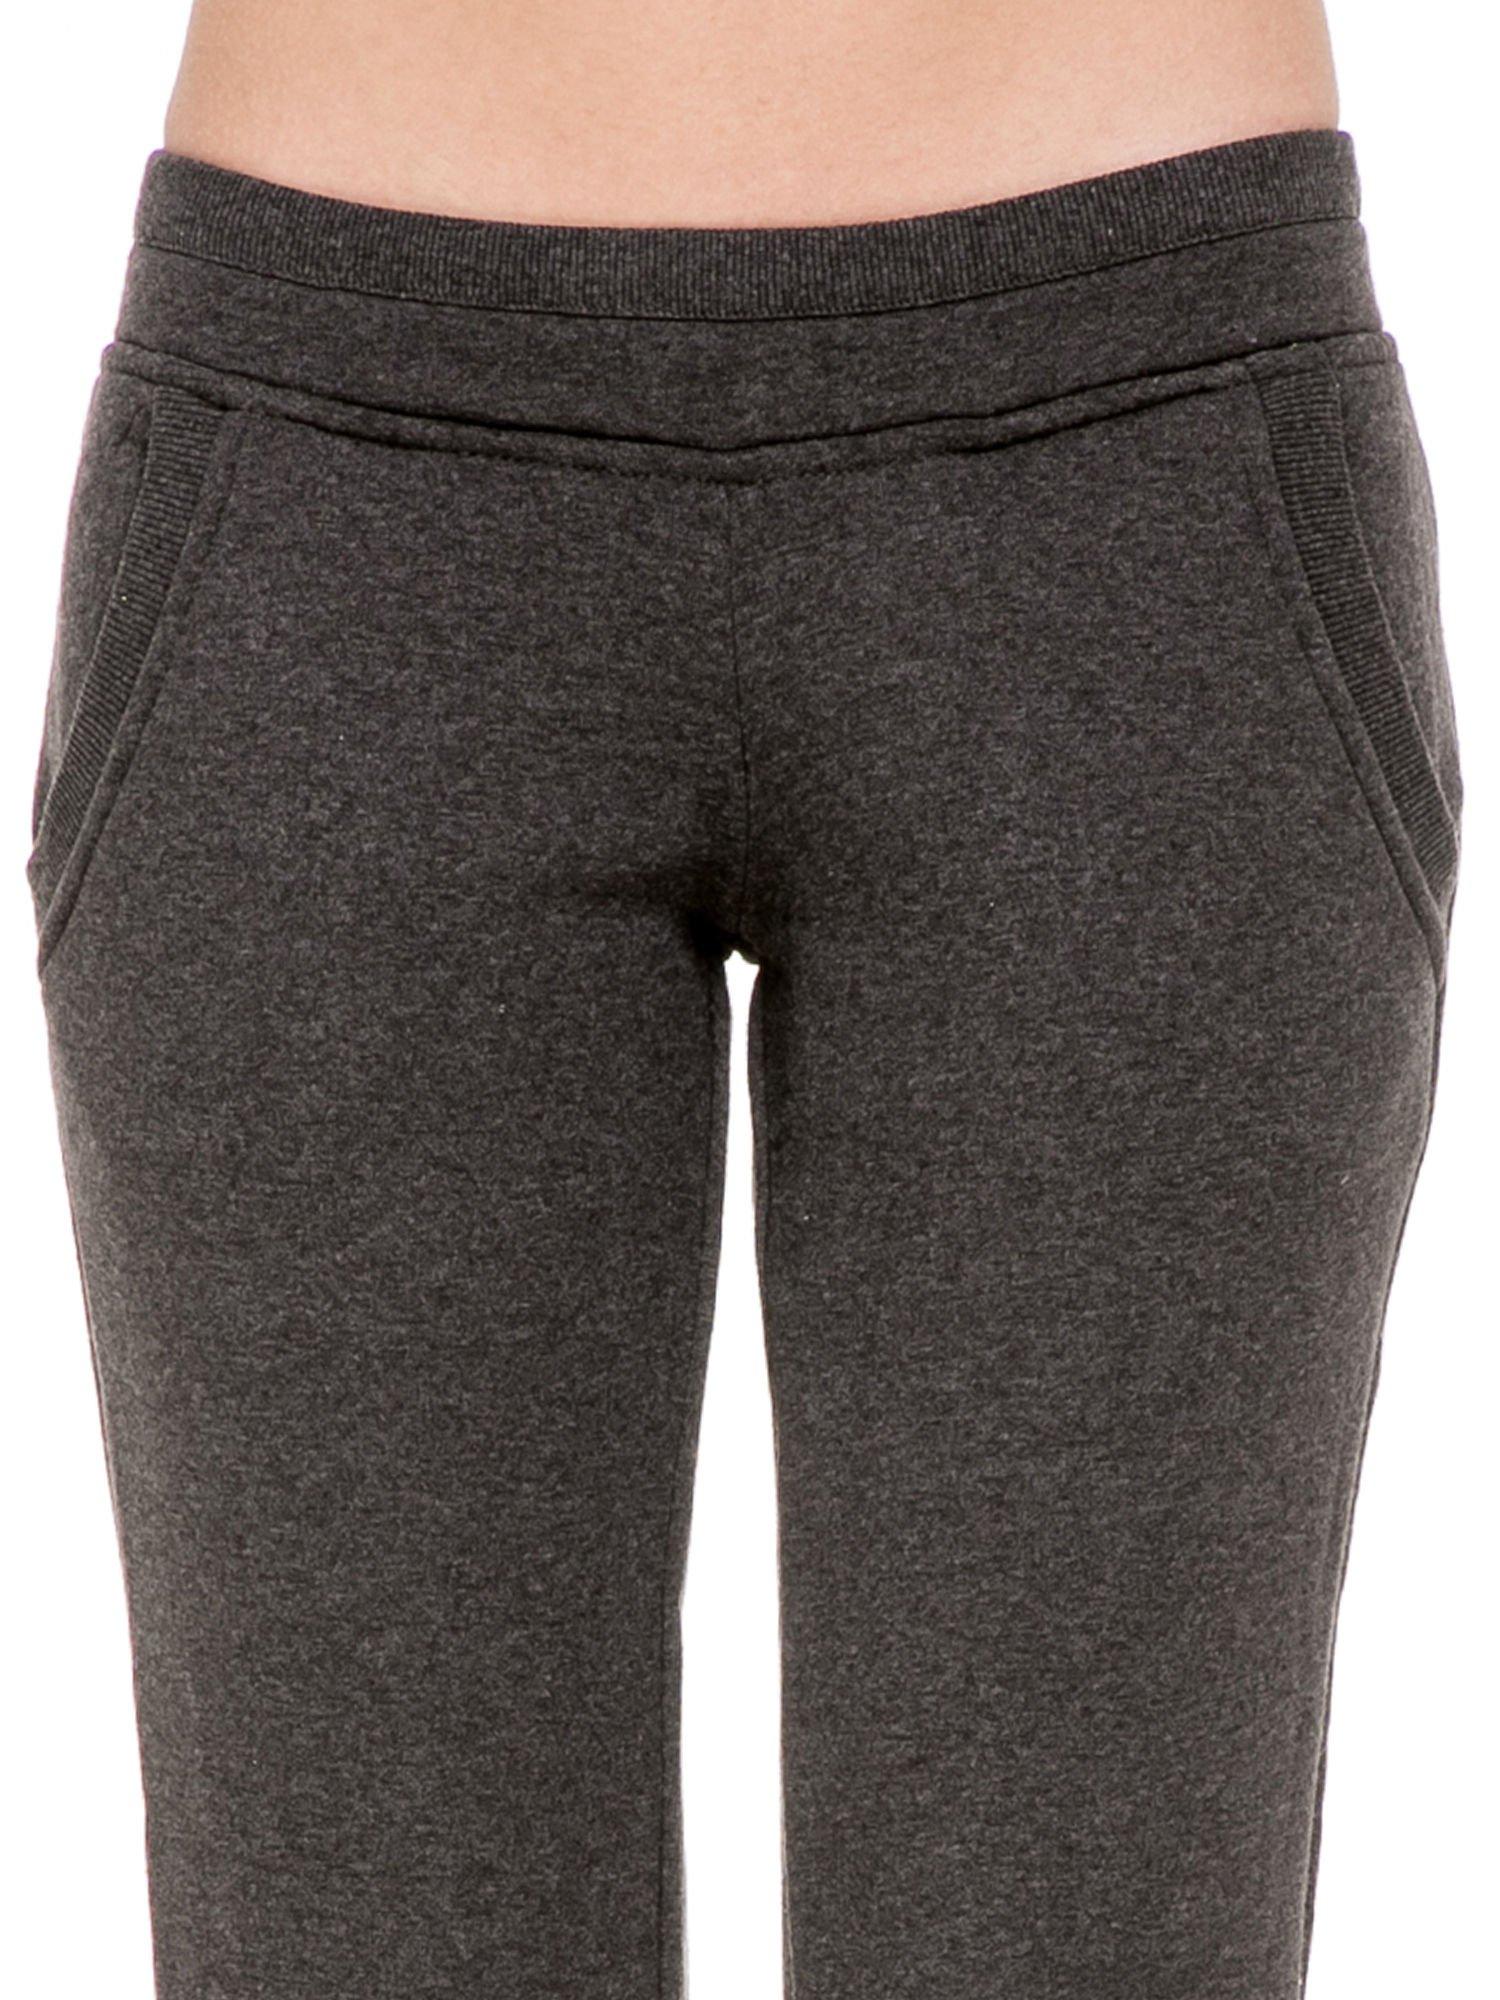 Ciemnoszare spodnie dresowe z guziczkami przy ściągaczu                                  zdj.                                  5